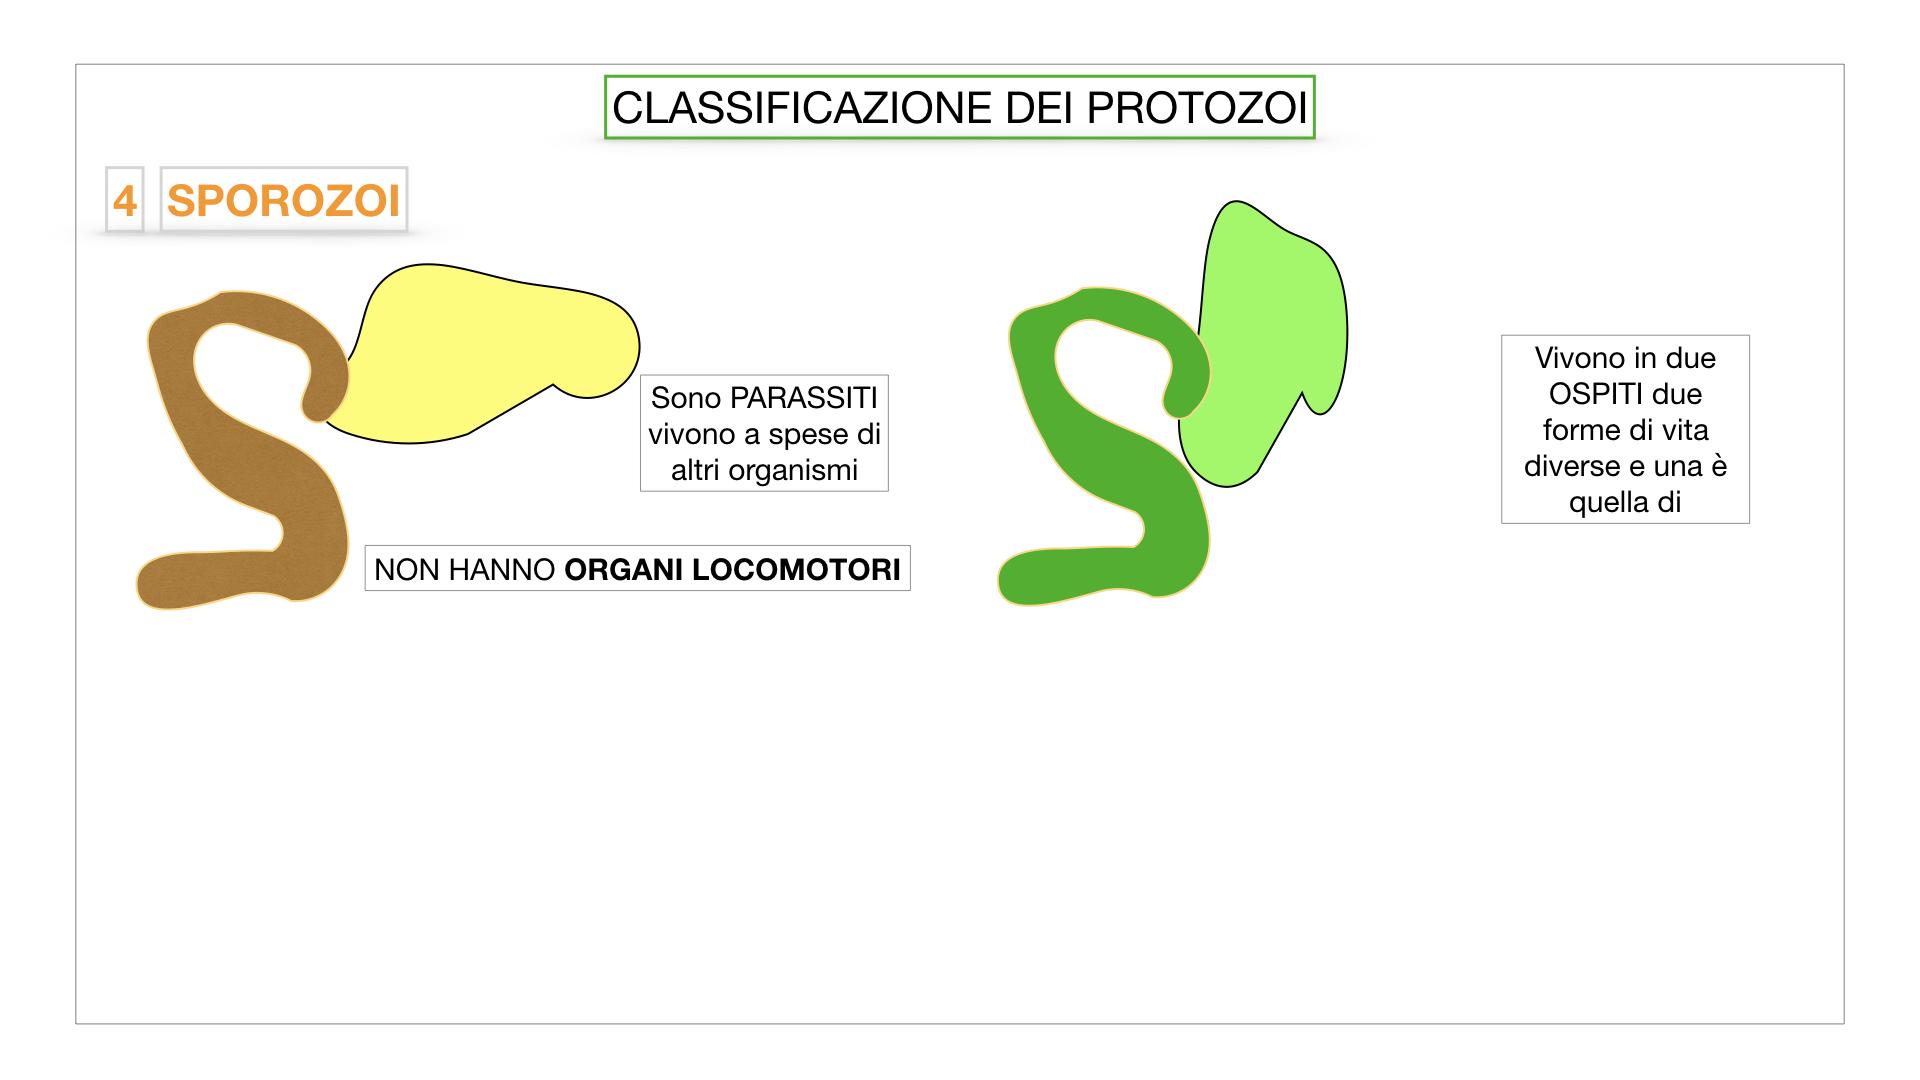 6. PROTOZOI_classificazione_SIMULAZIONE.048